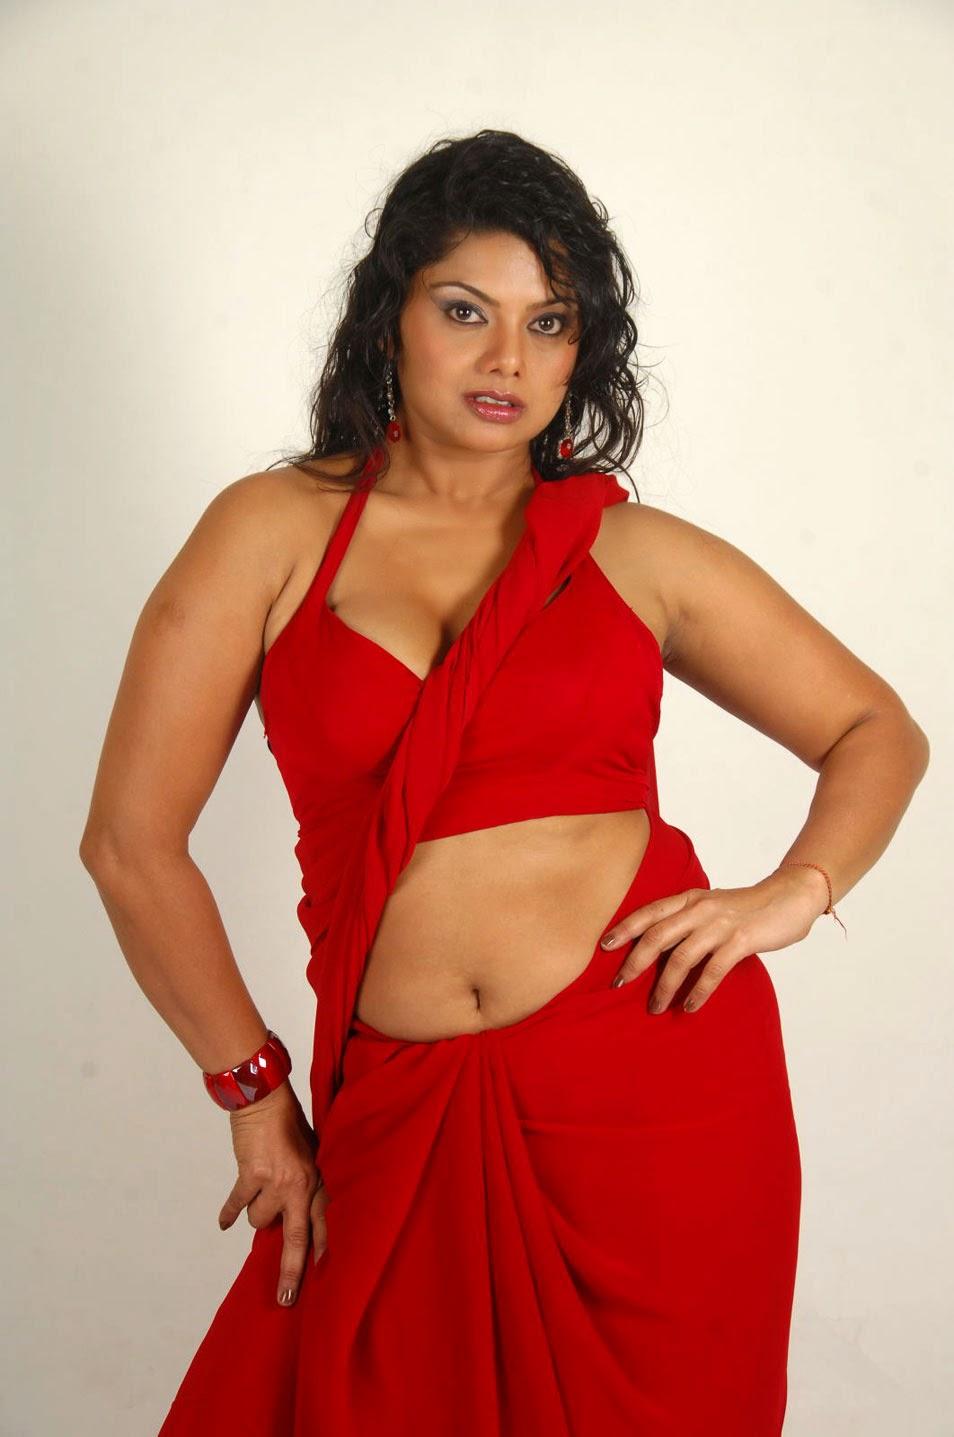 Aarti agarwal hot in 420 dating 3